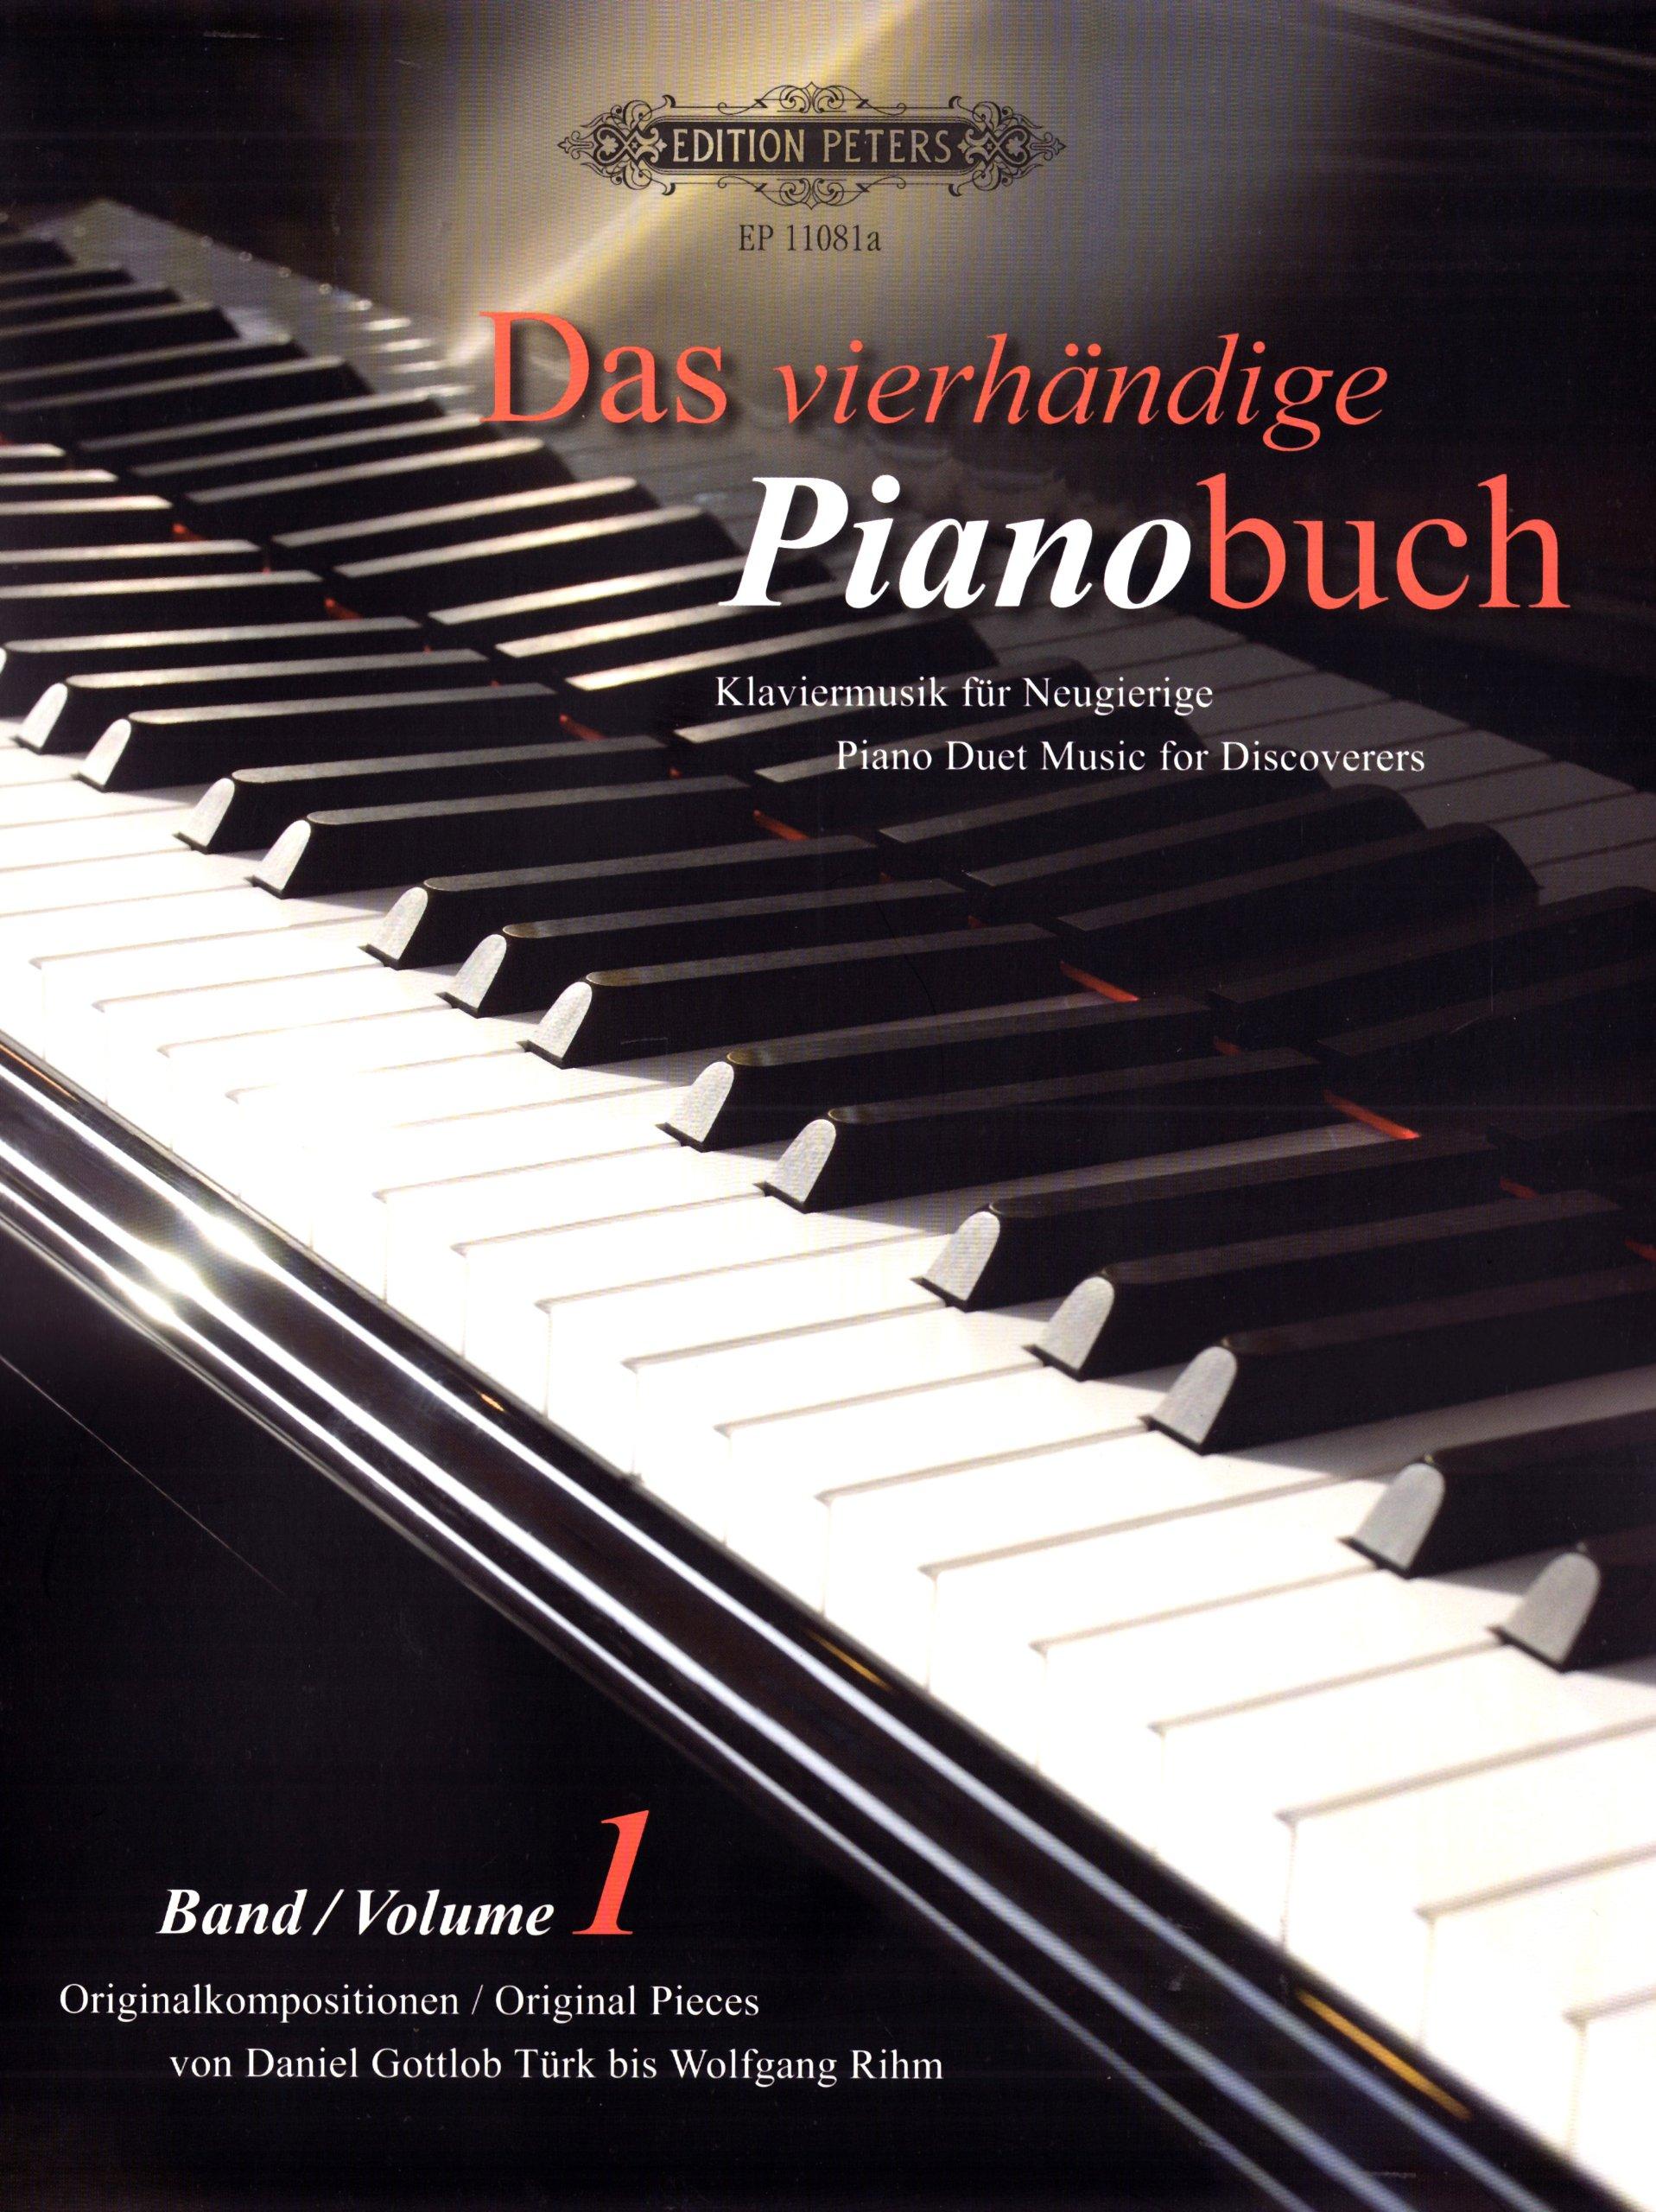 Das vierhändige Pianobuch - Band 1: Klaviermusik für Neugierige / Originalkompositionen von Daniel Gottlob Türk bis Wolfgang Rihm